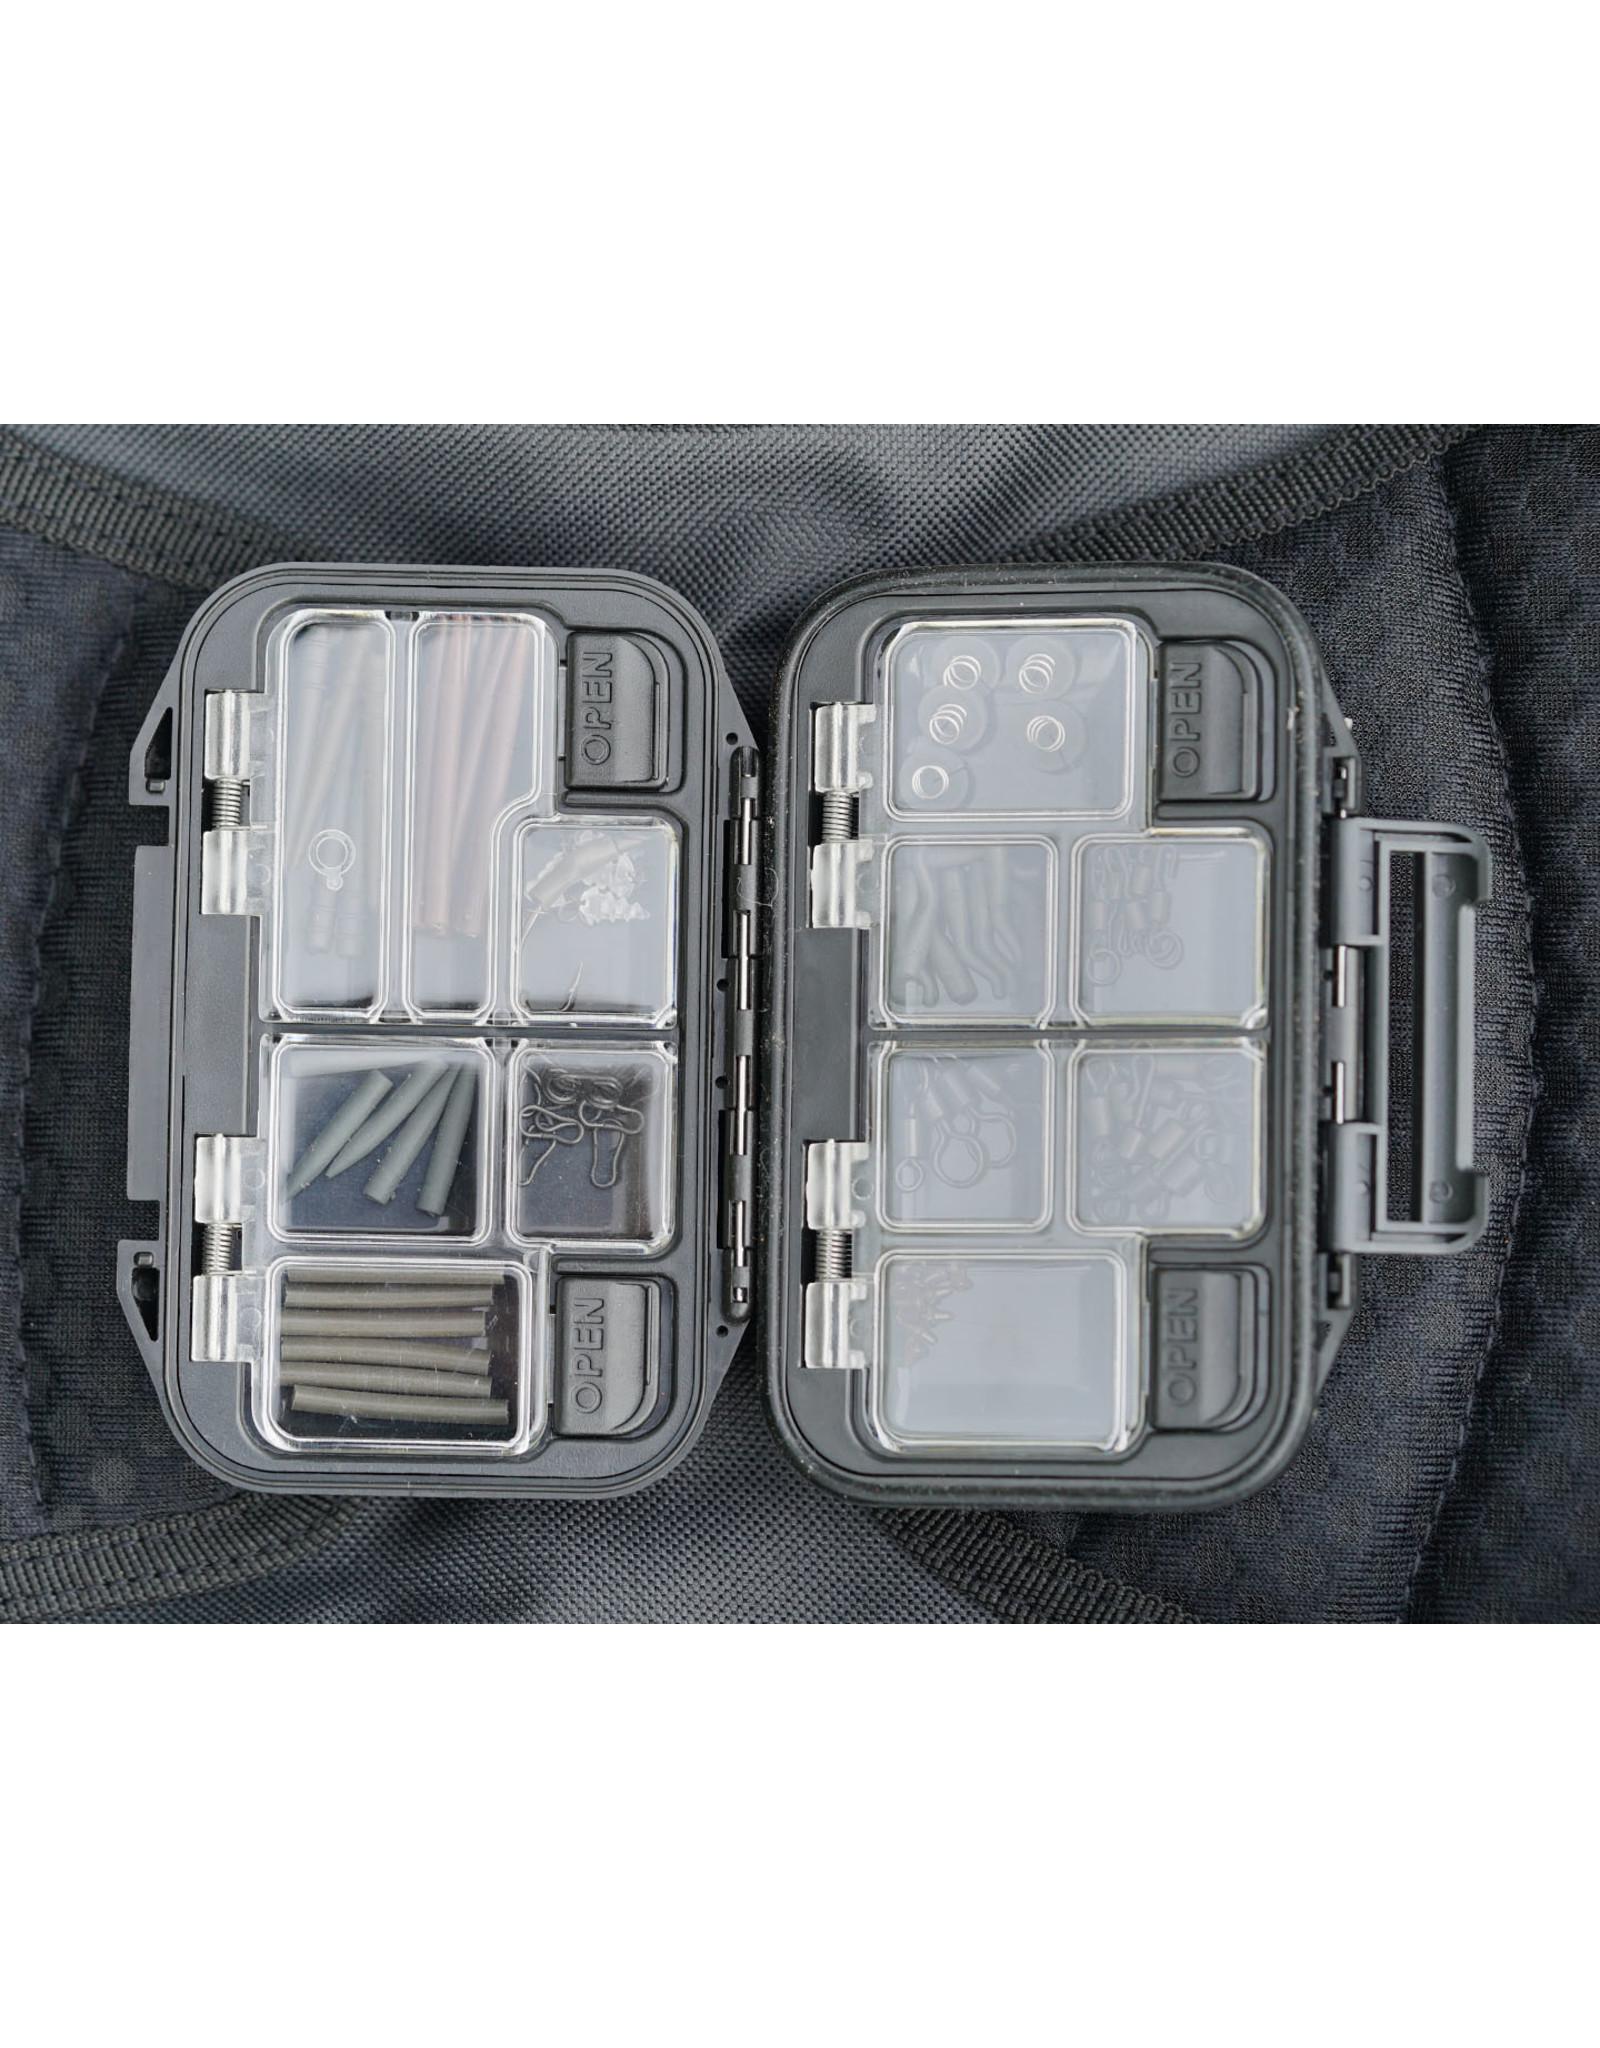 STRTG XS TERMINAL BOX S